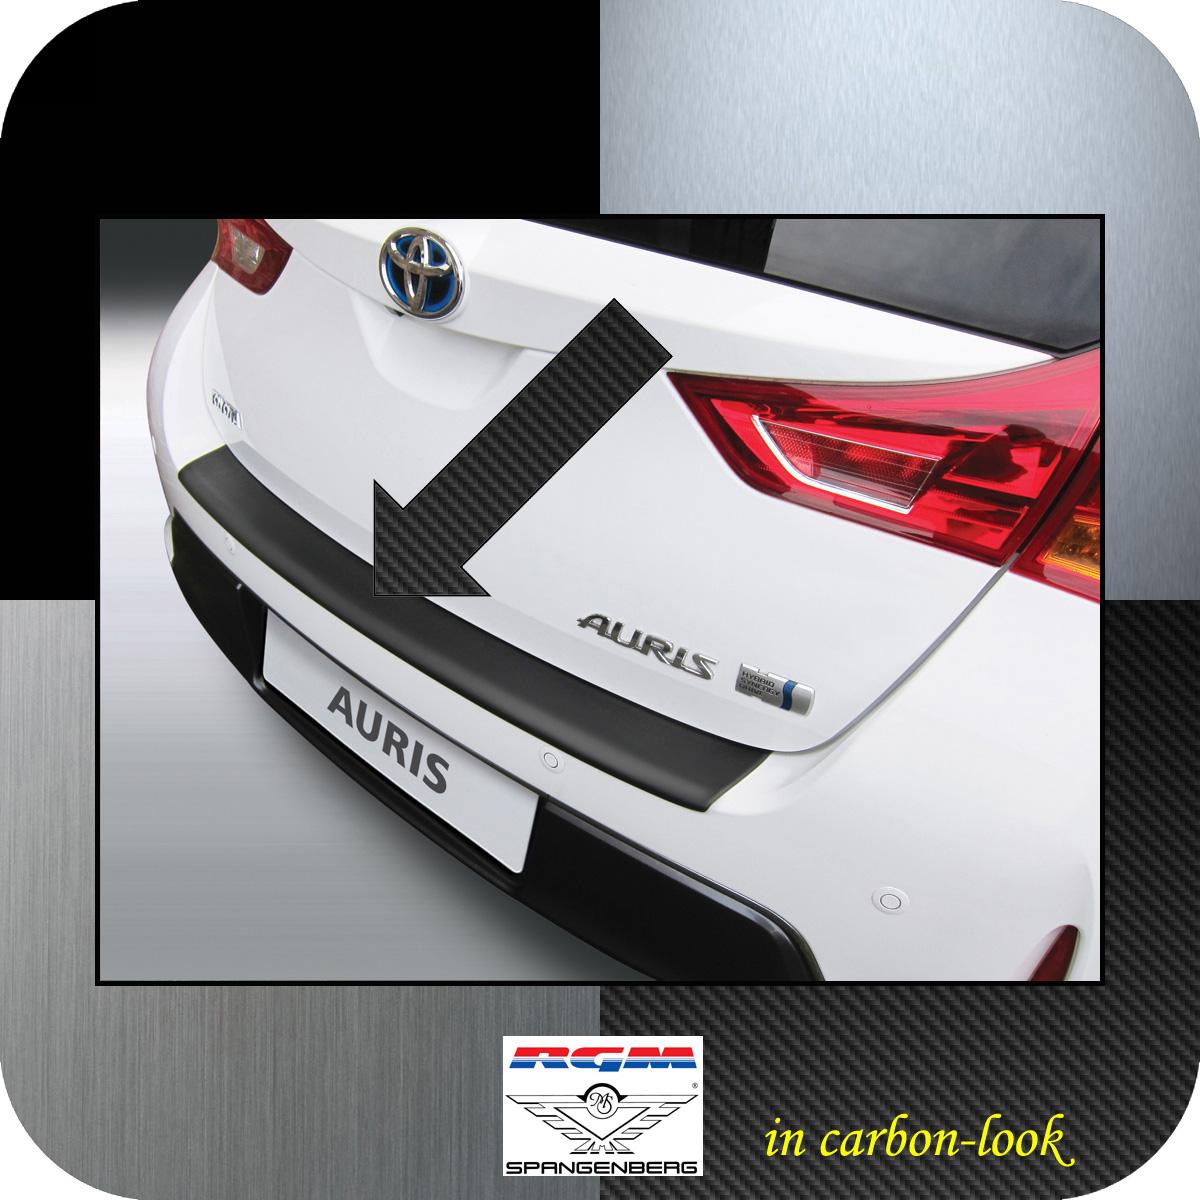 Ladekantenschutz Carbon-Look Toyota Auris II Schrägheck vor Mopf 2012-15 3509620